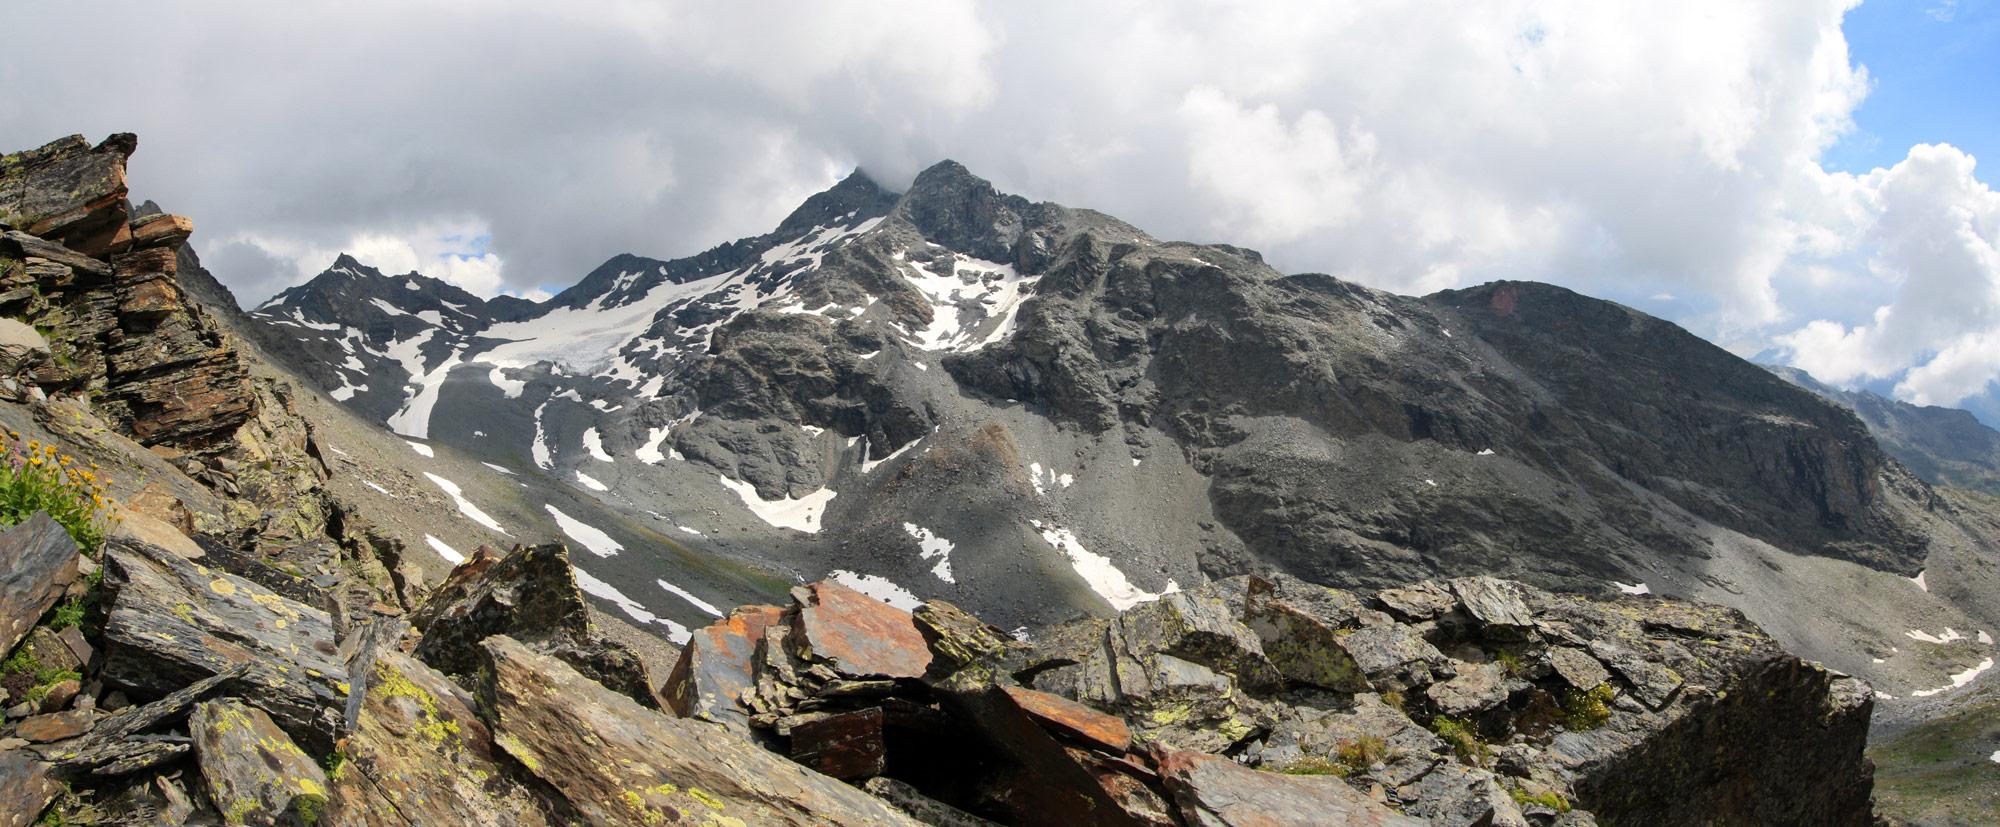 Pointe du Bouchet - Maurienne